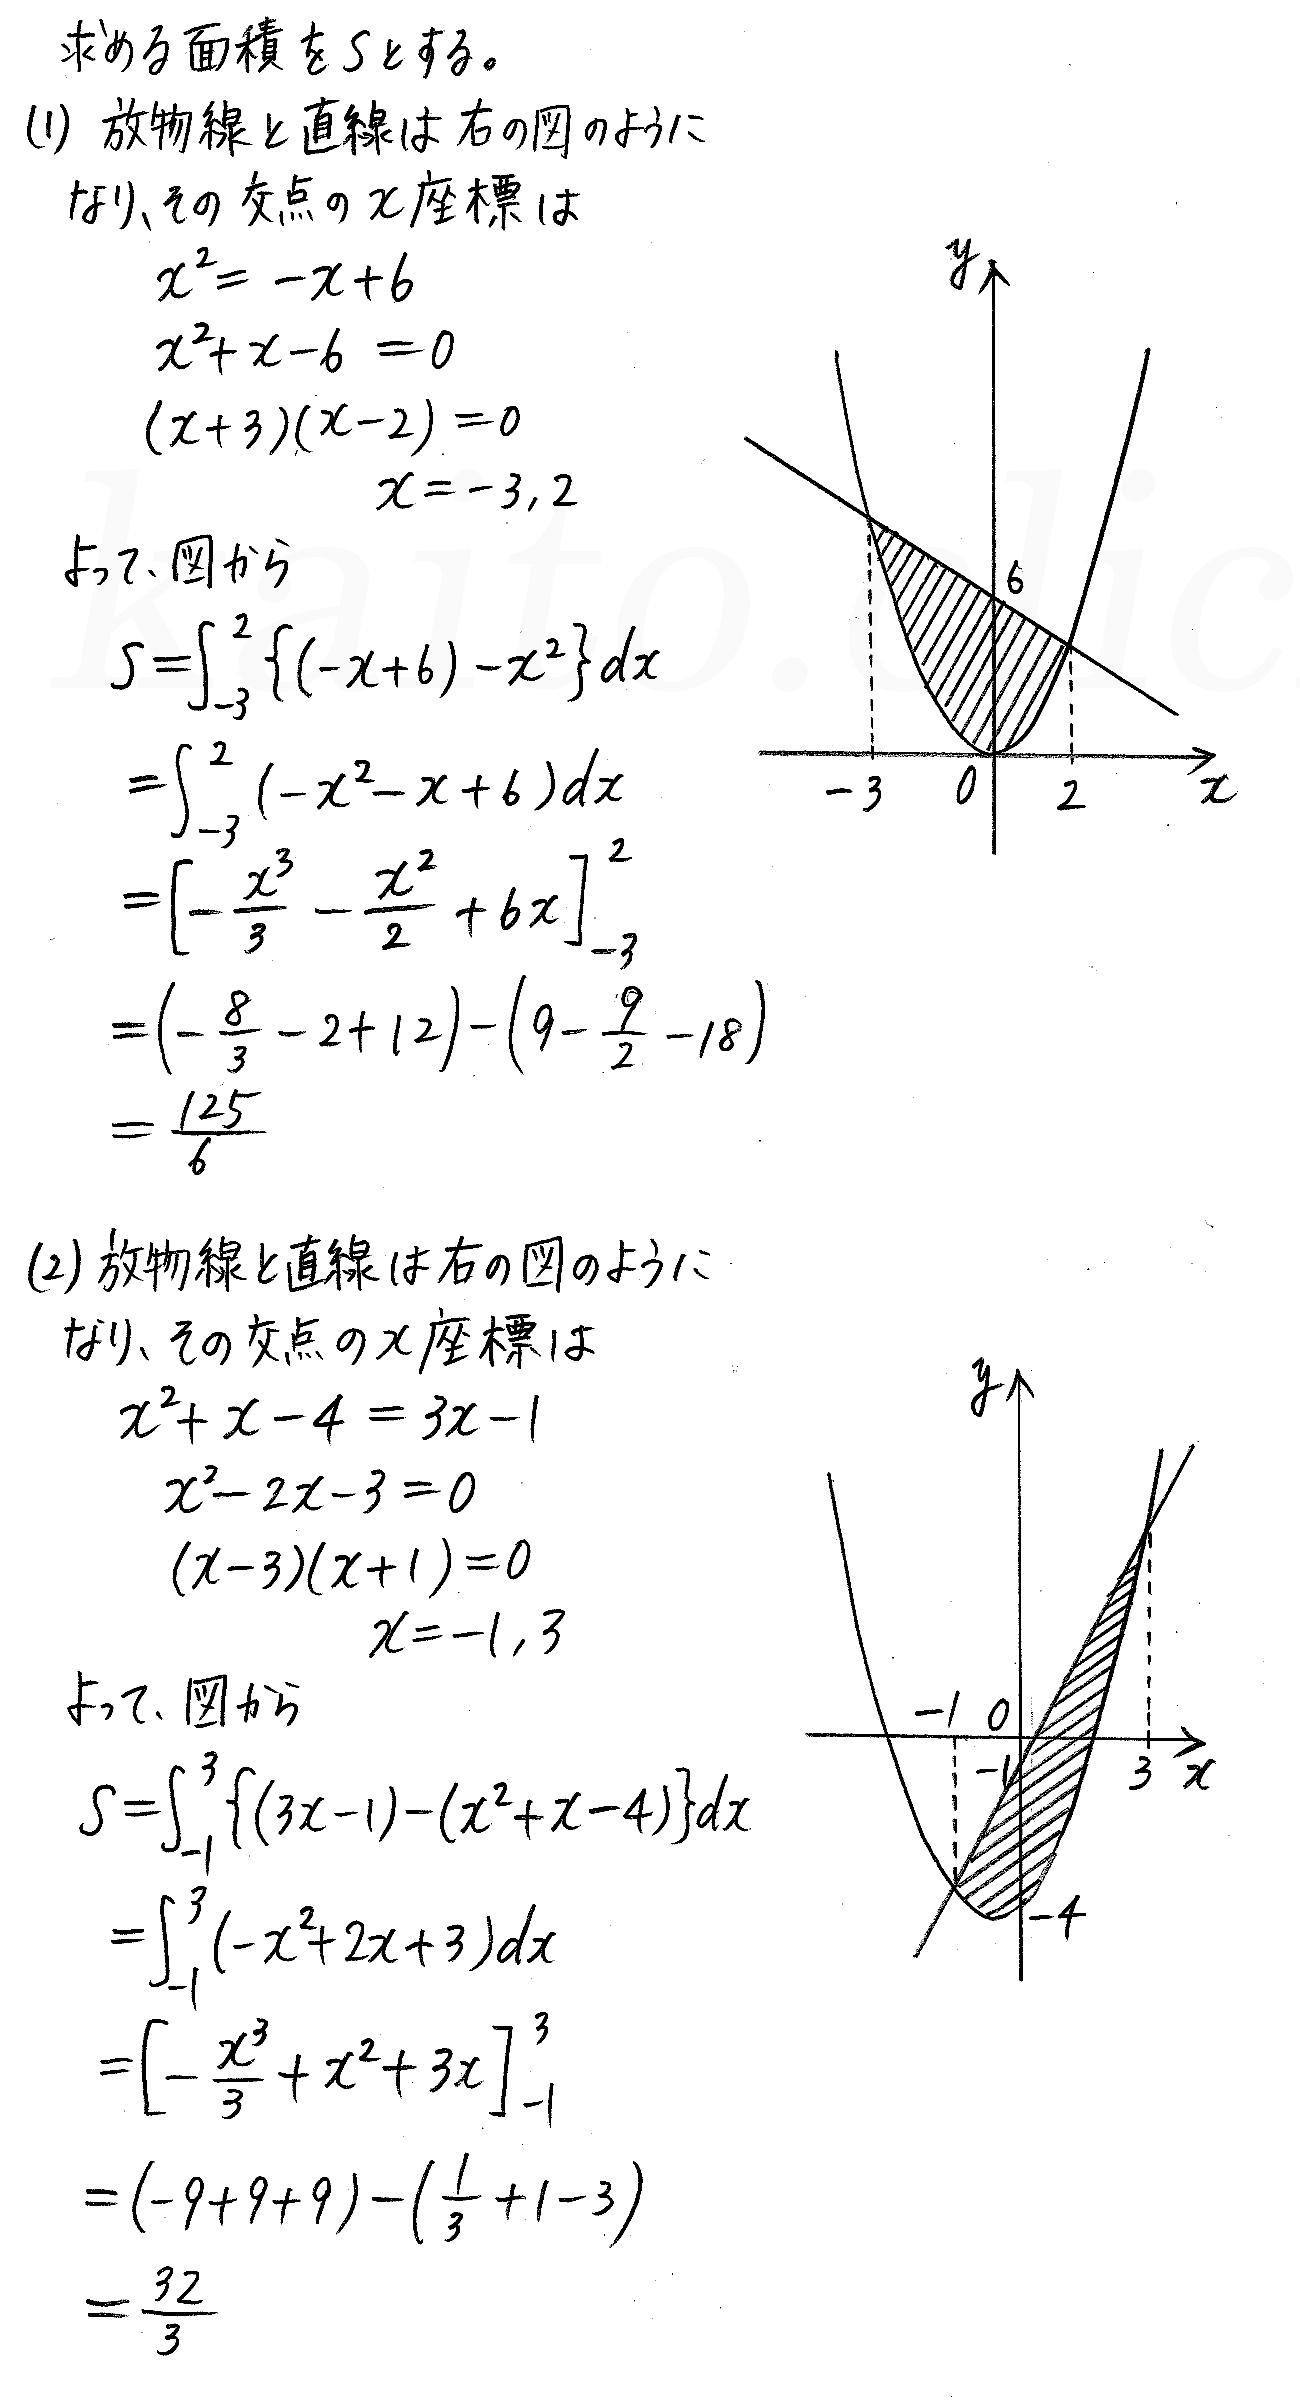 クリアー数学2-472解答